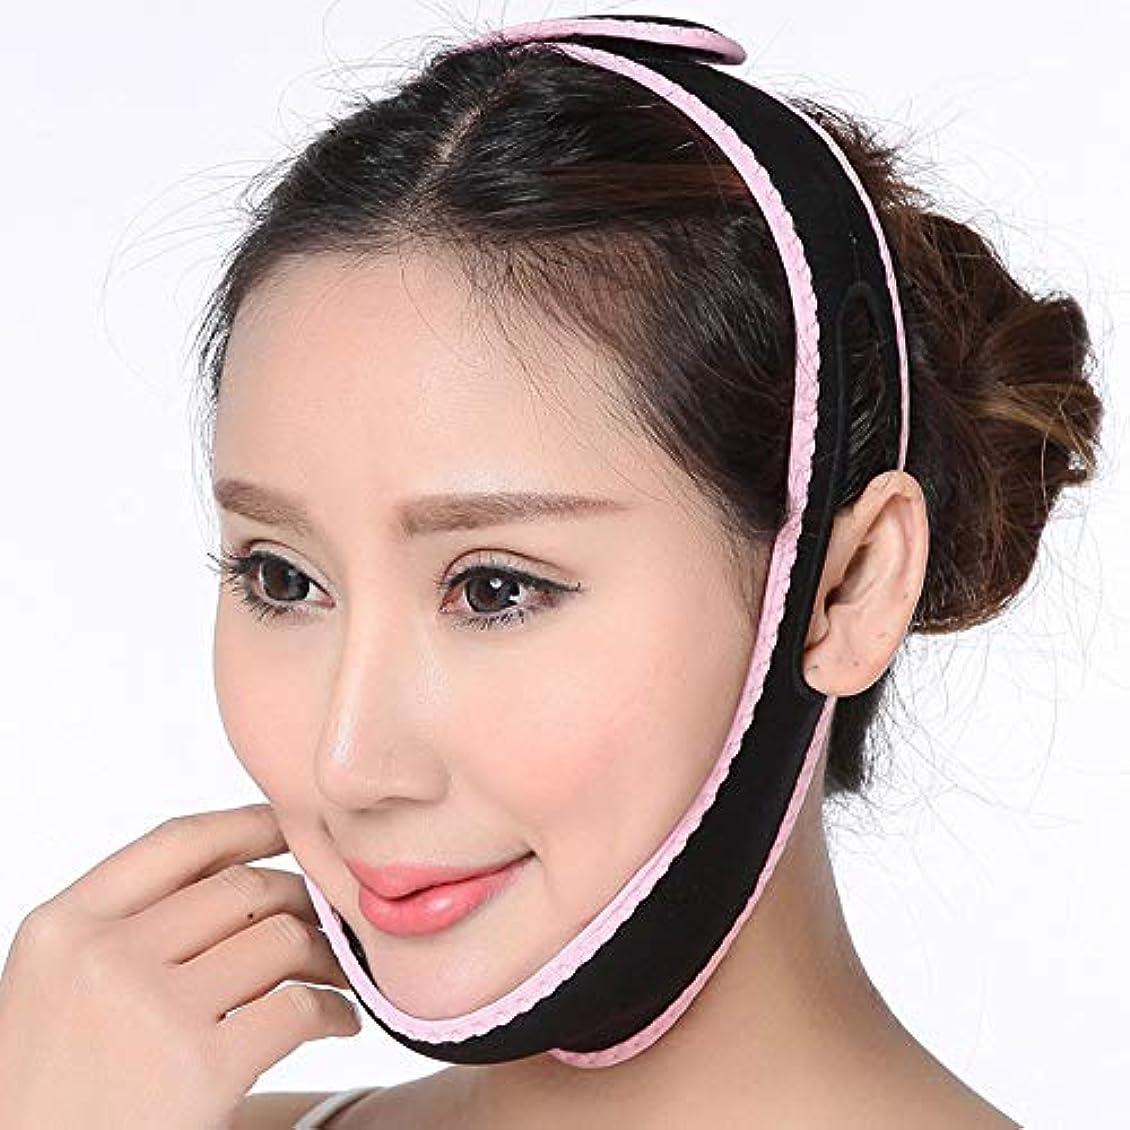 ポンプ不注意どれか顔面持ち上げ器具、vフェイス、顔持ち上げ包帯、ハーフパッケージマスク、持ち上げと締め付け、ユニセックス